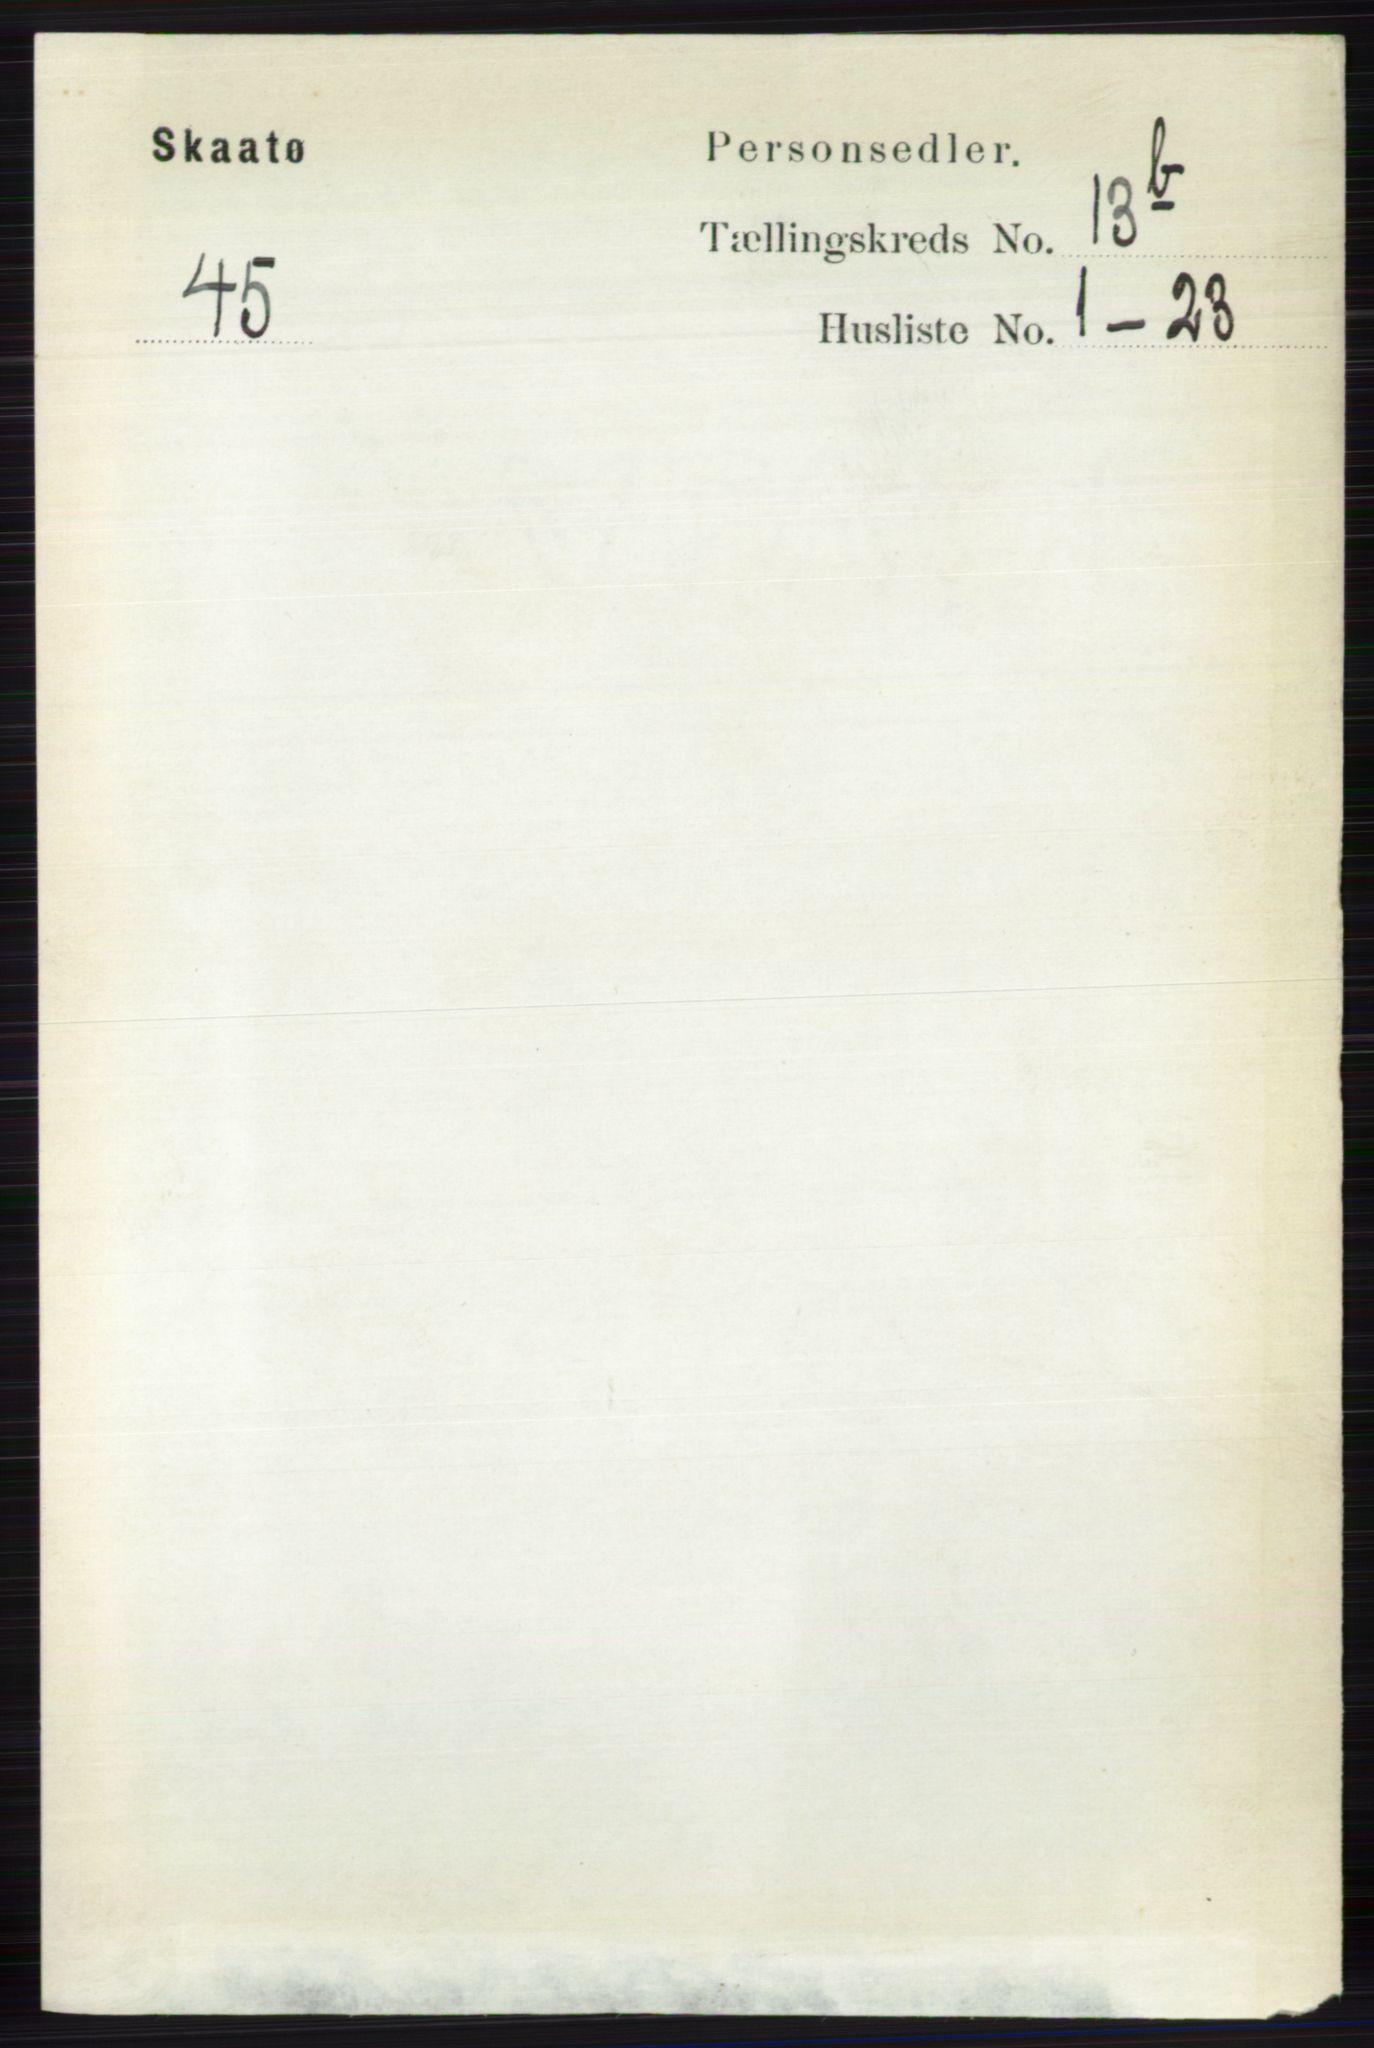 RA, Folketelling 1891 for 0815 Skåtøy herred, 1891, s. 4838